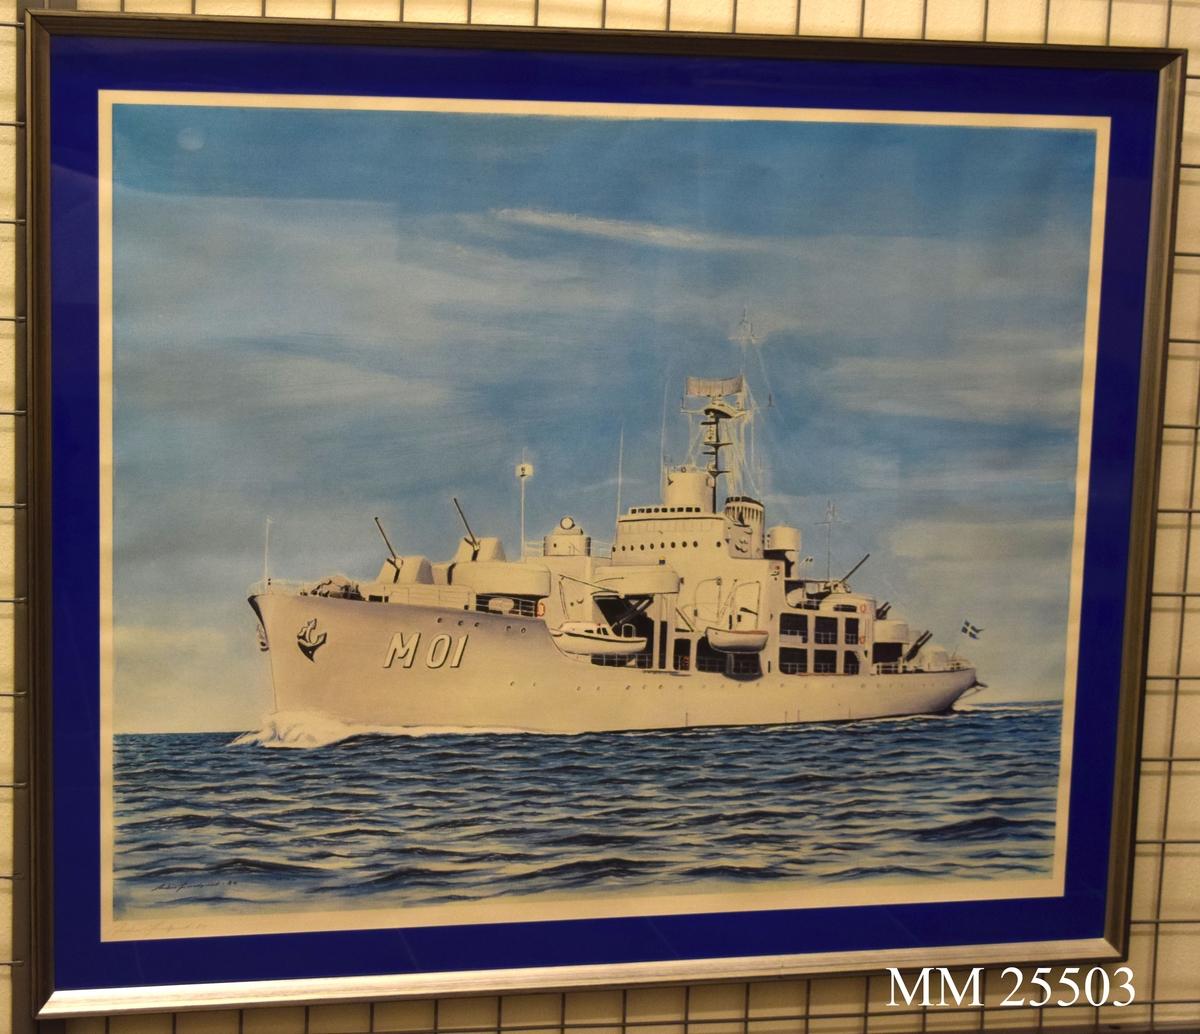 """Tryck förreställande HMS Älvsnabben (mo1) till sjöss. Fartyget från babord sida med livbåtar och livboj. Runt trycket finns en blå passepartout. Konstnärens namn finns tryckt två gånger längst ner på vänster sida. Ett tryckt och en i blyerts: """"Anders Lundqvist 84"""". Trycket bakom glas, grå ram."""